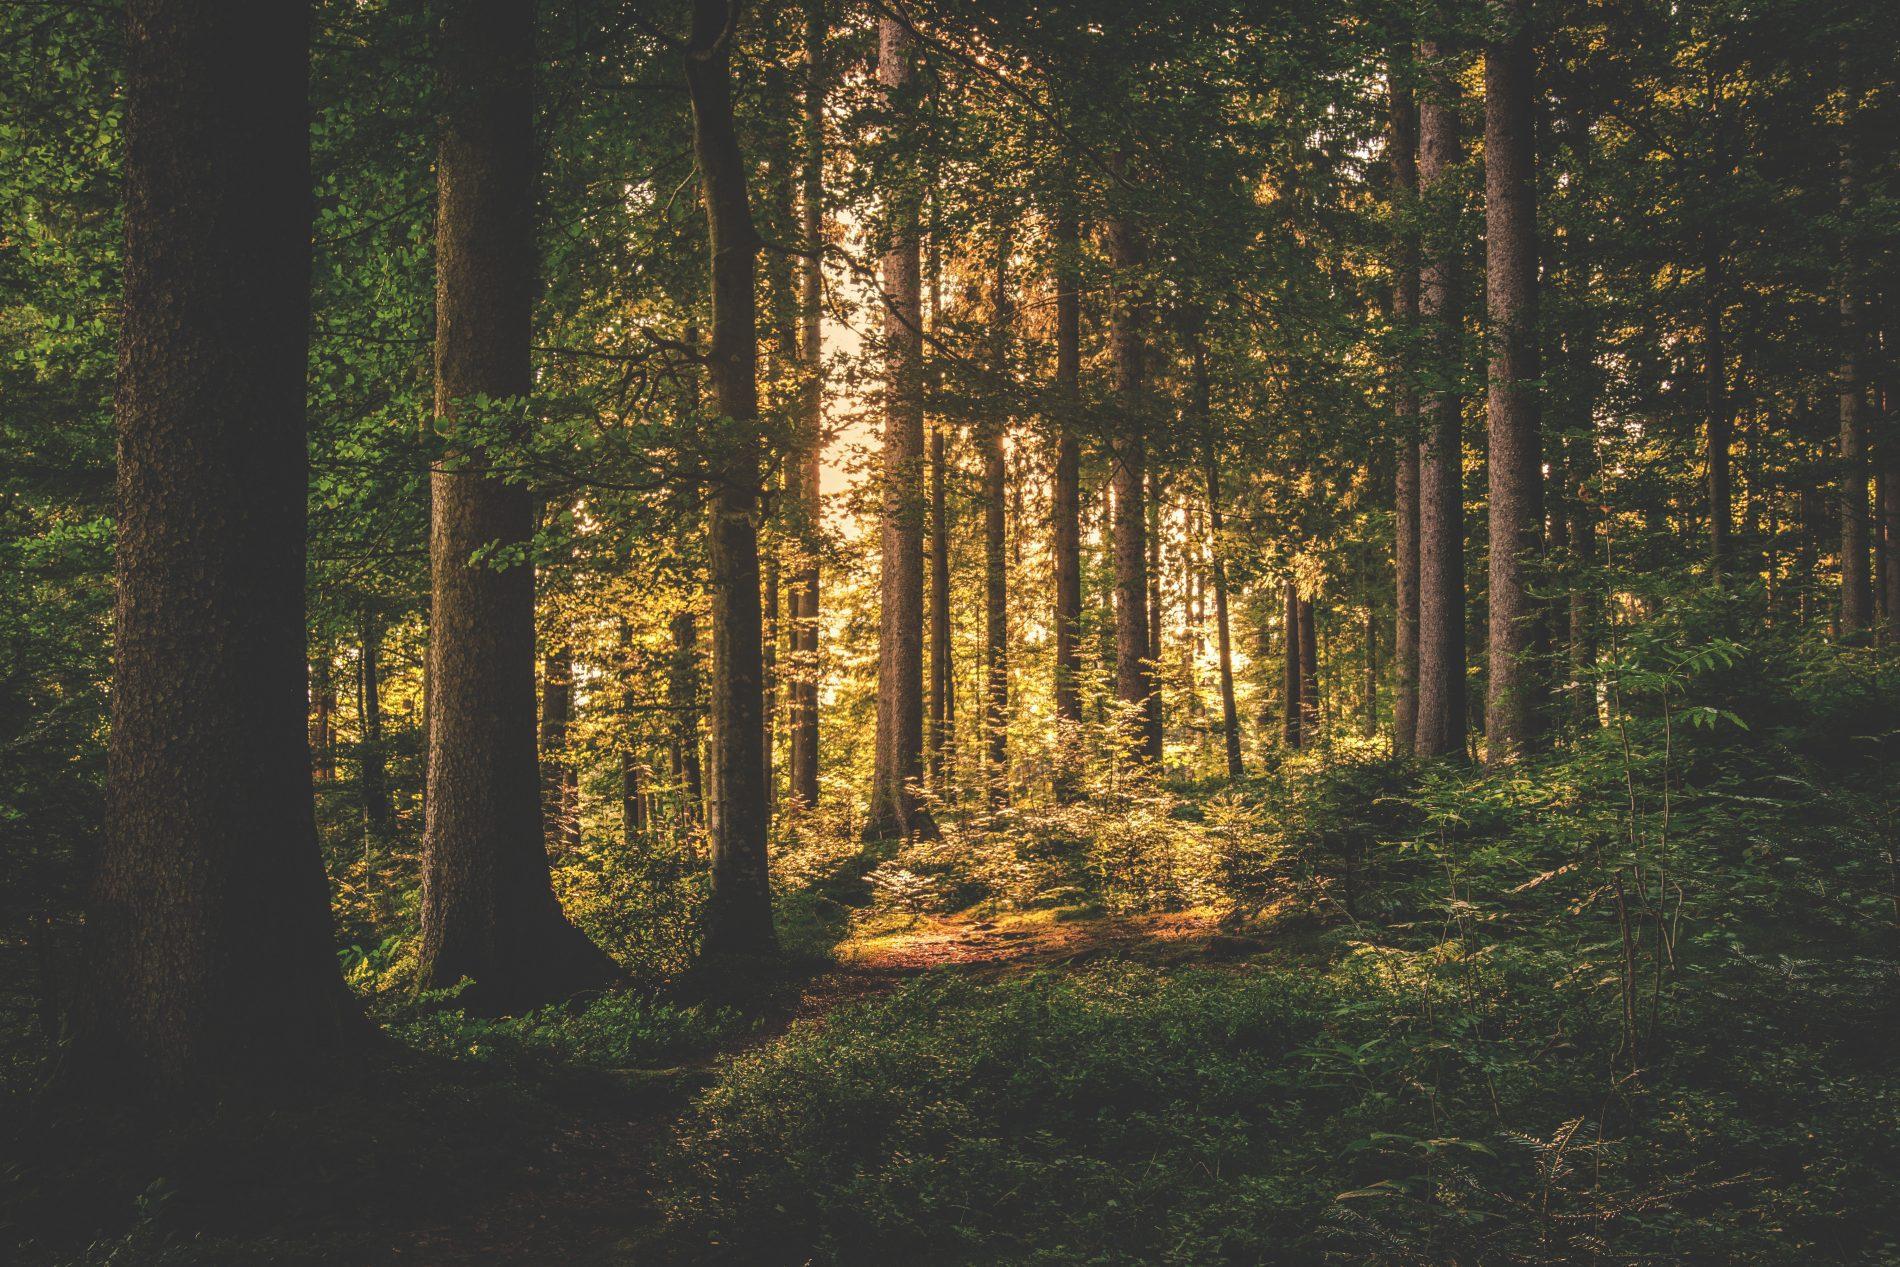 conifer-dawn-daylight-167698